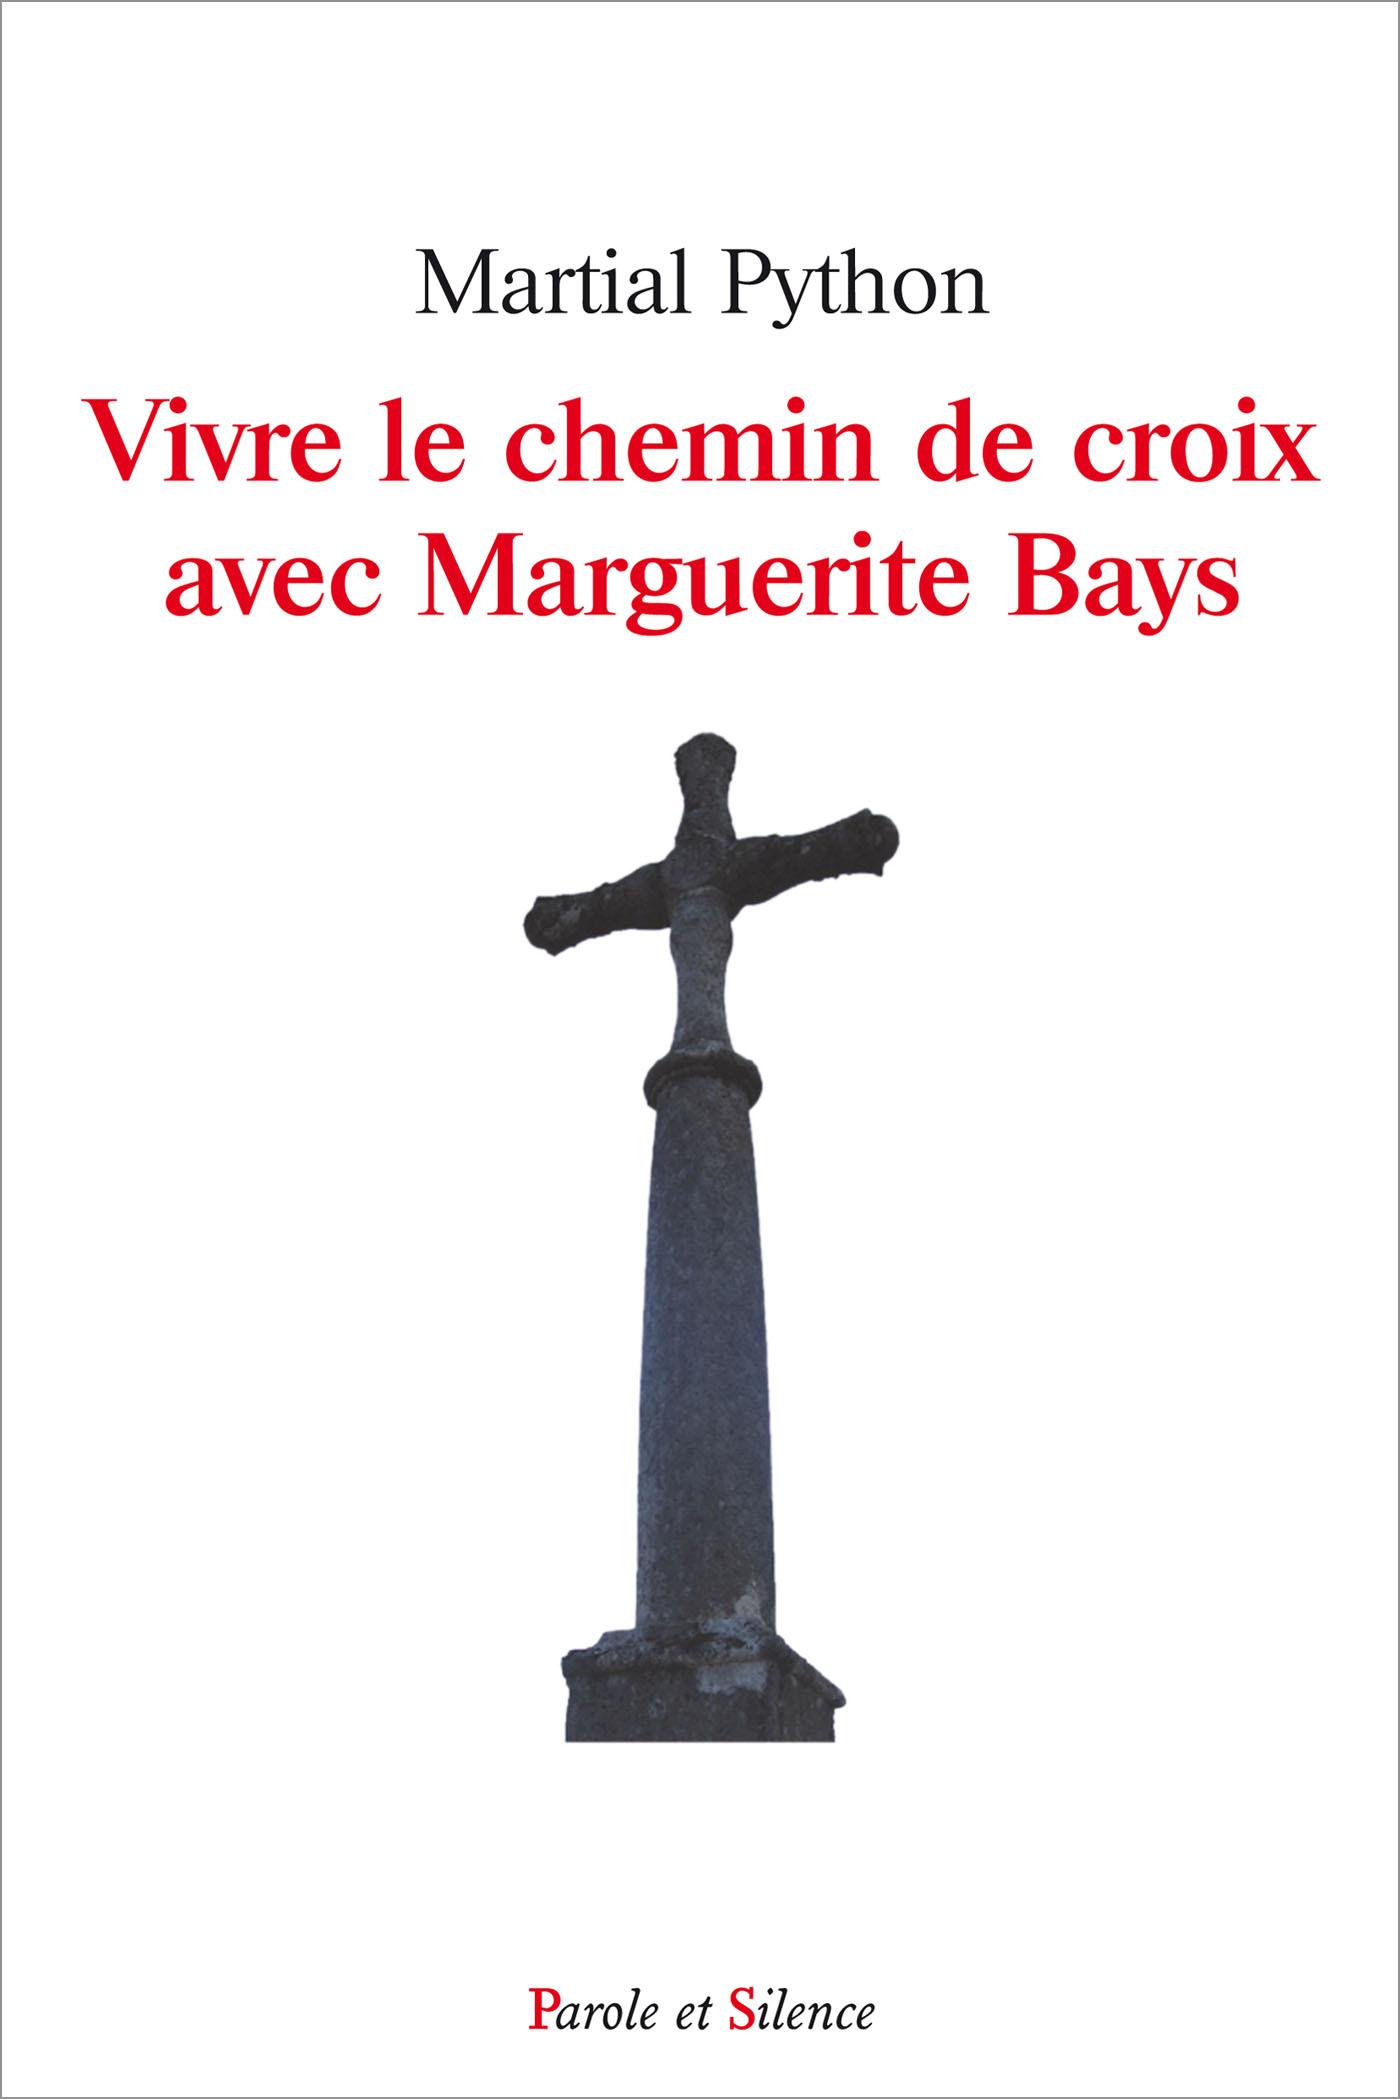 Vivre le chemin de croix avec Marguerite Bays